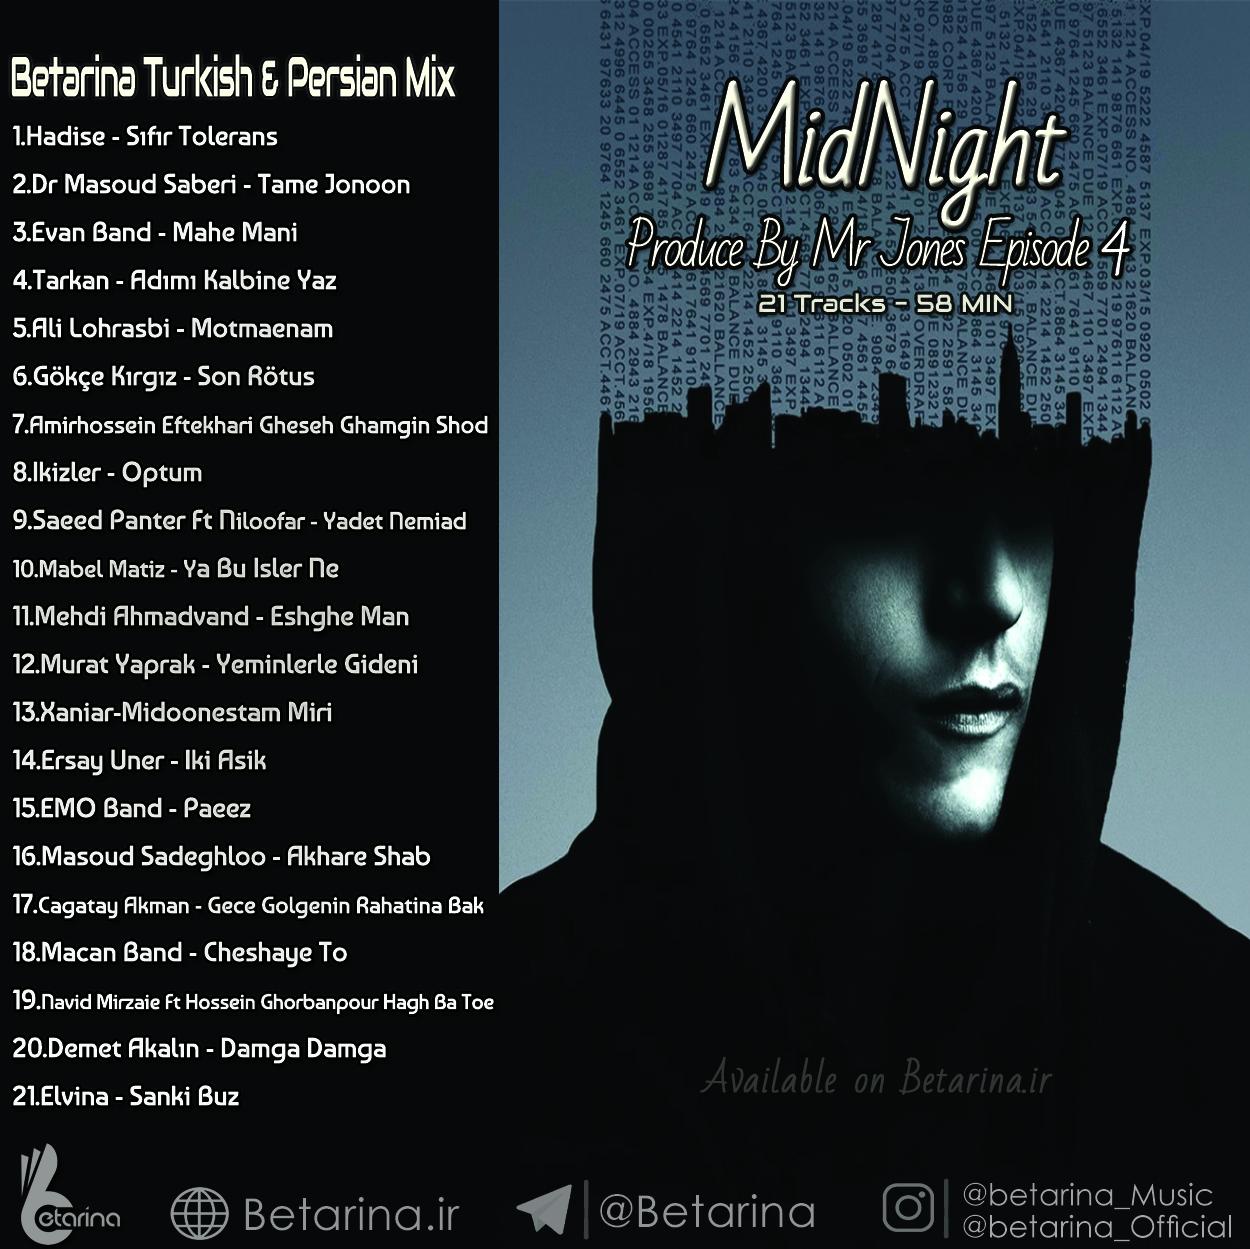 Deejay Betarina - Midnight